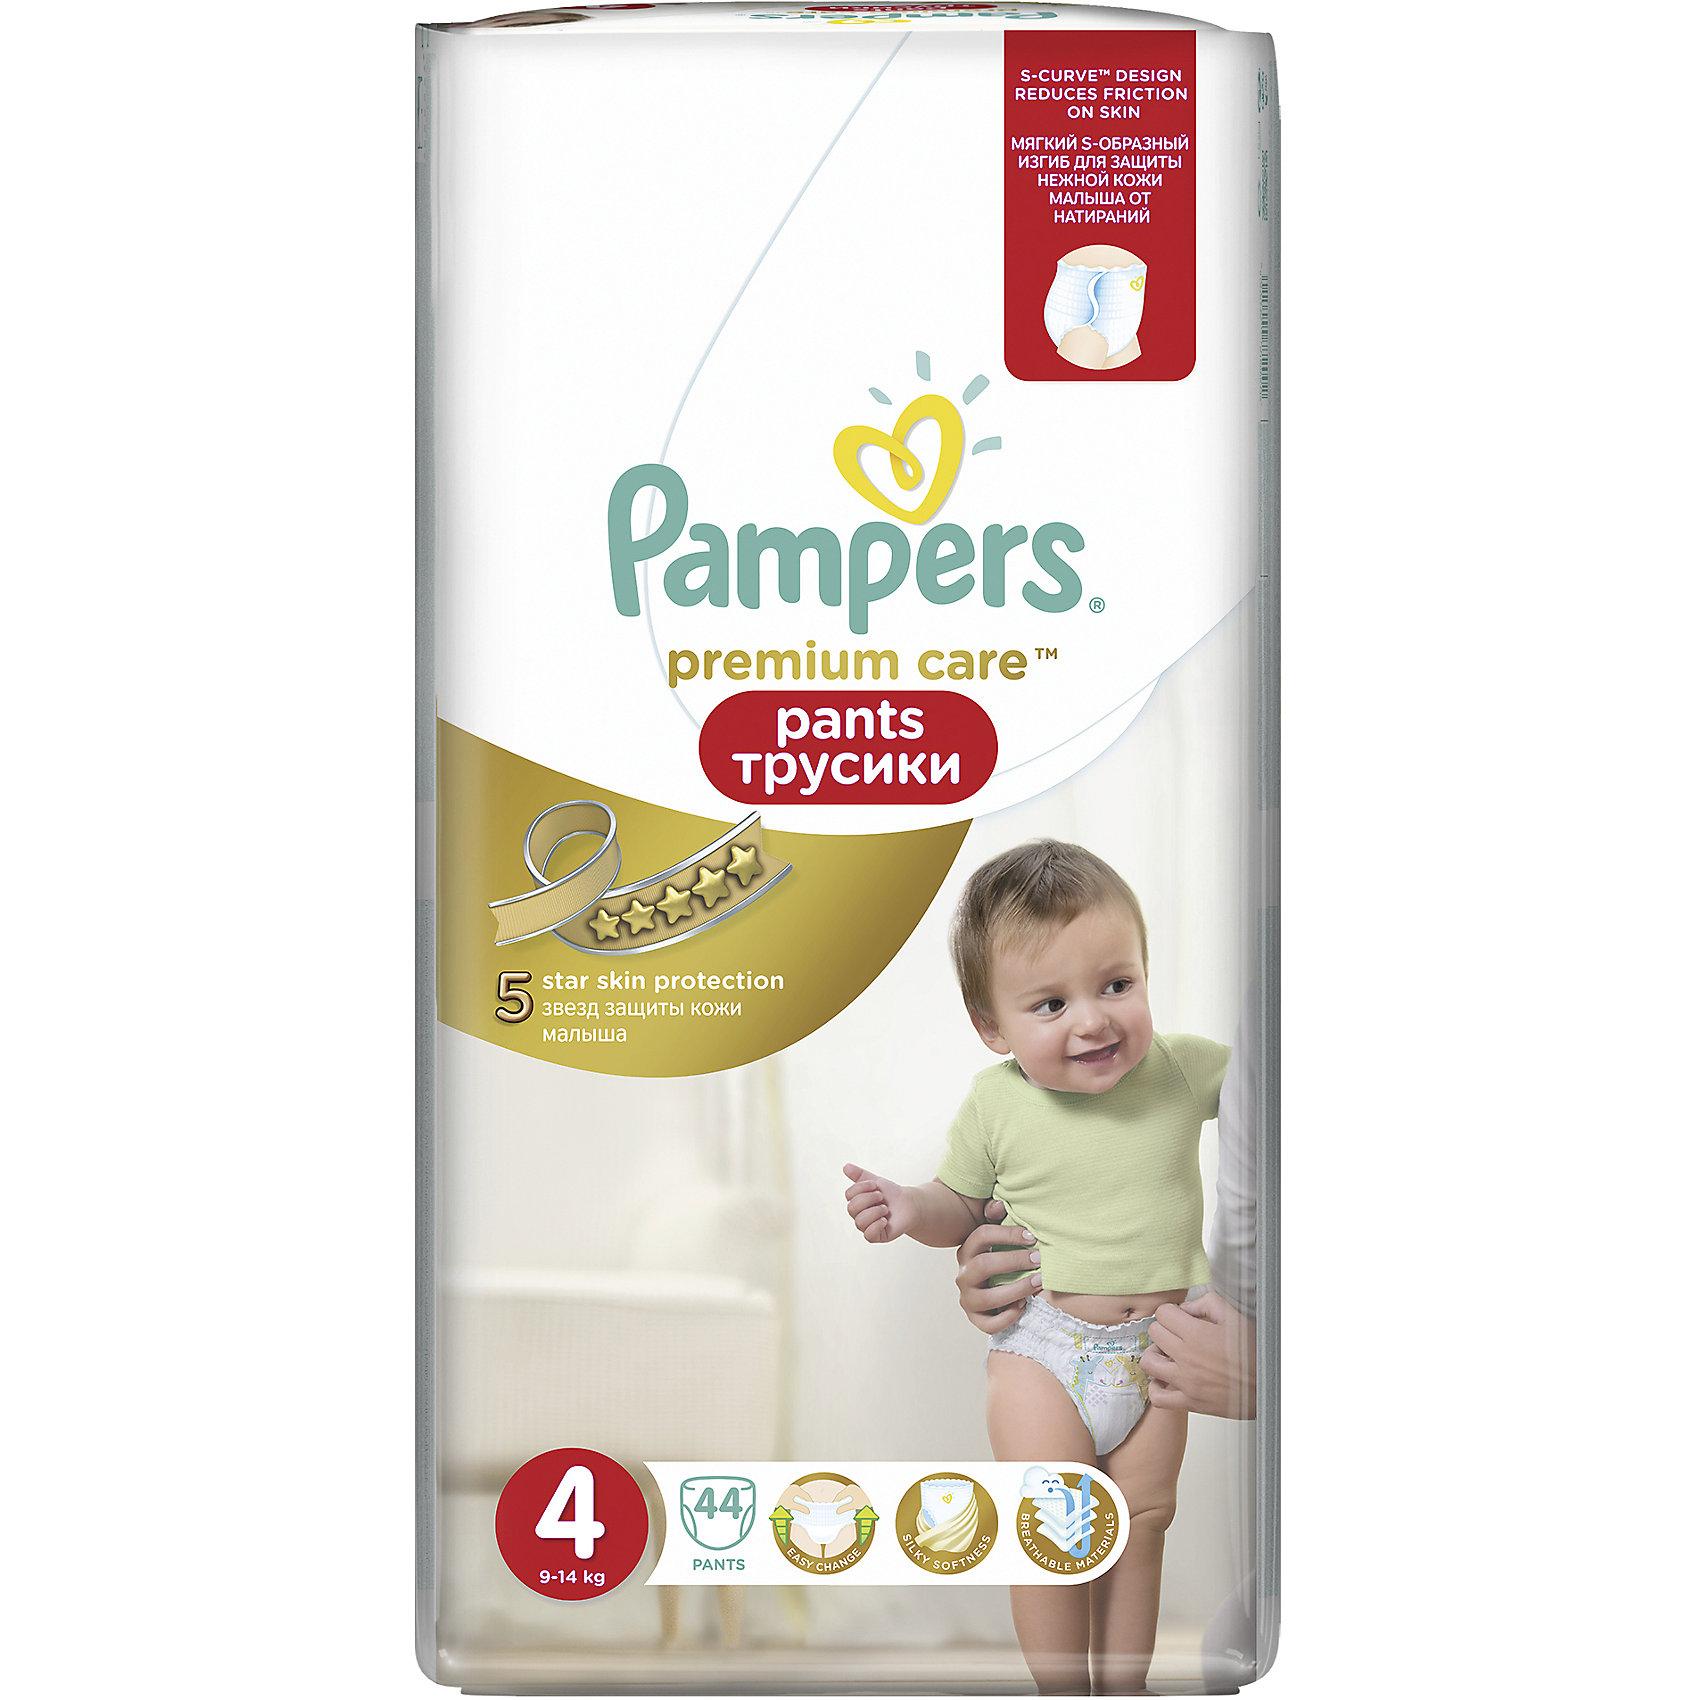 Трусики Pampers Premium Care Pants, 9-14кг, размер 4, 44 шт., PampersТрусики-подгузники<br>Характеристики:<br><br>• Вид подгузника: трусики<br>• Пол: универсальный<br>• Тип подгузника: одноразовый<br>• Коллекция: Premium Care<br>• Предназначение: для использования в любое время суток <br>• Размер: 4<br>• Вес ребенка: от 9 до 14 кг<br>• Количество в упаковке: 44 шт.<br>• Упаковка: пакет<br>• Размер упаковки: 22,5*14*43 см<br>• Вес в упаковке: 1 кг 455 г<br>• Наружные боковые швы<br>• Подходят для чувствительной кожи<br>• Индикатор влаги<br>• Дышащие материалы<br>• Повышенные впитывающие свойства<br><br>Трусики Pampers Premium Care Pants, 9-14 кг, размер 4, 44 шт., Pampers – это новейшая линейка детских подгузников от Pampers, которая сочетает в себе высокое качество и безопасность материалов, удобство использования и комфорт для нежной кожи малыша. Подгузники выполнены в виде трусиков и предназначены для детей весом до 14 кг. Инновационные технологии и современные материалы обеспечивают этим подгузникам Дышащие свойства, что особенно важно для кожи малыша. <br><br>Три впитывающих слоя обеспечивают повышенные впитывающие качества, при этом верхний слой остается сухим и мягким. У трусиков предусмотрена эластичная мягкая резиночка на спинке и манжеты на ножках, что защищает от протекания. У изделия имеется индикатор сухости-влажности: полоска, которая по мере наполнения меняет цвет. Боковые наружные швы не натирают нежную кожу малыша, легко разрываются при смене трусиков. Сзади имеется клейкая лента, которая позволяет зафиксировать свернутые после использования трусики. Трусики подходит как для мальчиков, так и для девочек. <br><br>Трусики Pampers Premium Care Pants, 9-14 кг, размер 4, 44 шт., Pampers можно купить в нашем интернет-магазине.<br><br>Ширина мм: 225<br>Глубина мм: 140<br>Высота мм: 430<br>Вес г: 1455<br>Возраст от месяцев: 6<br>Возраст до месяцев: 18<br>Пол: Унисекс<br>Возраст: Детский<br>SKU: 5419037